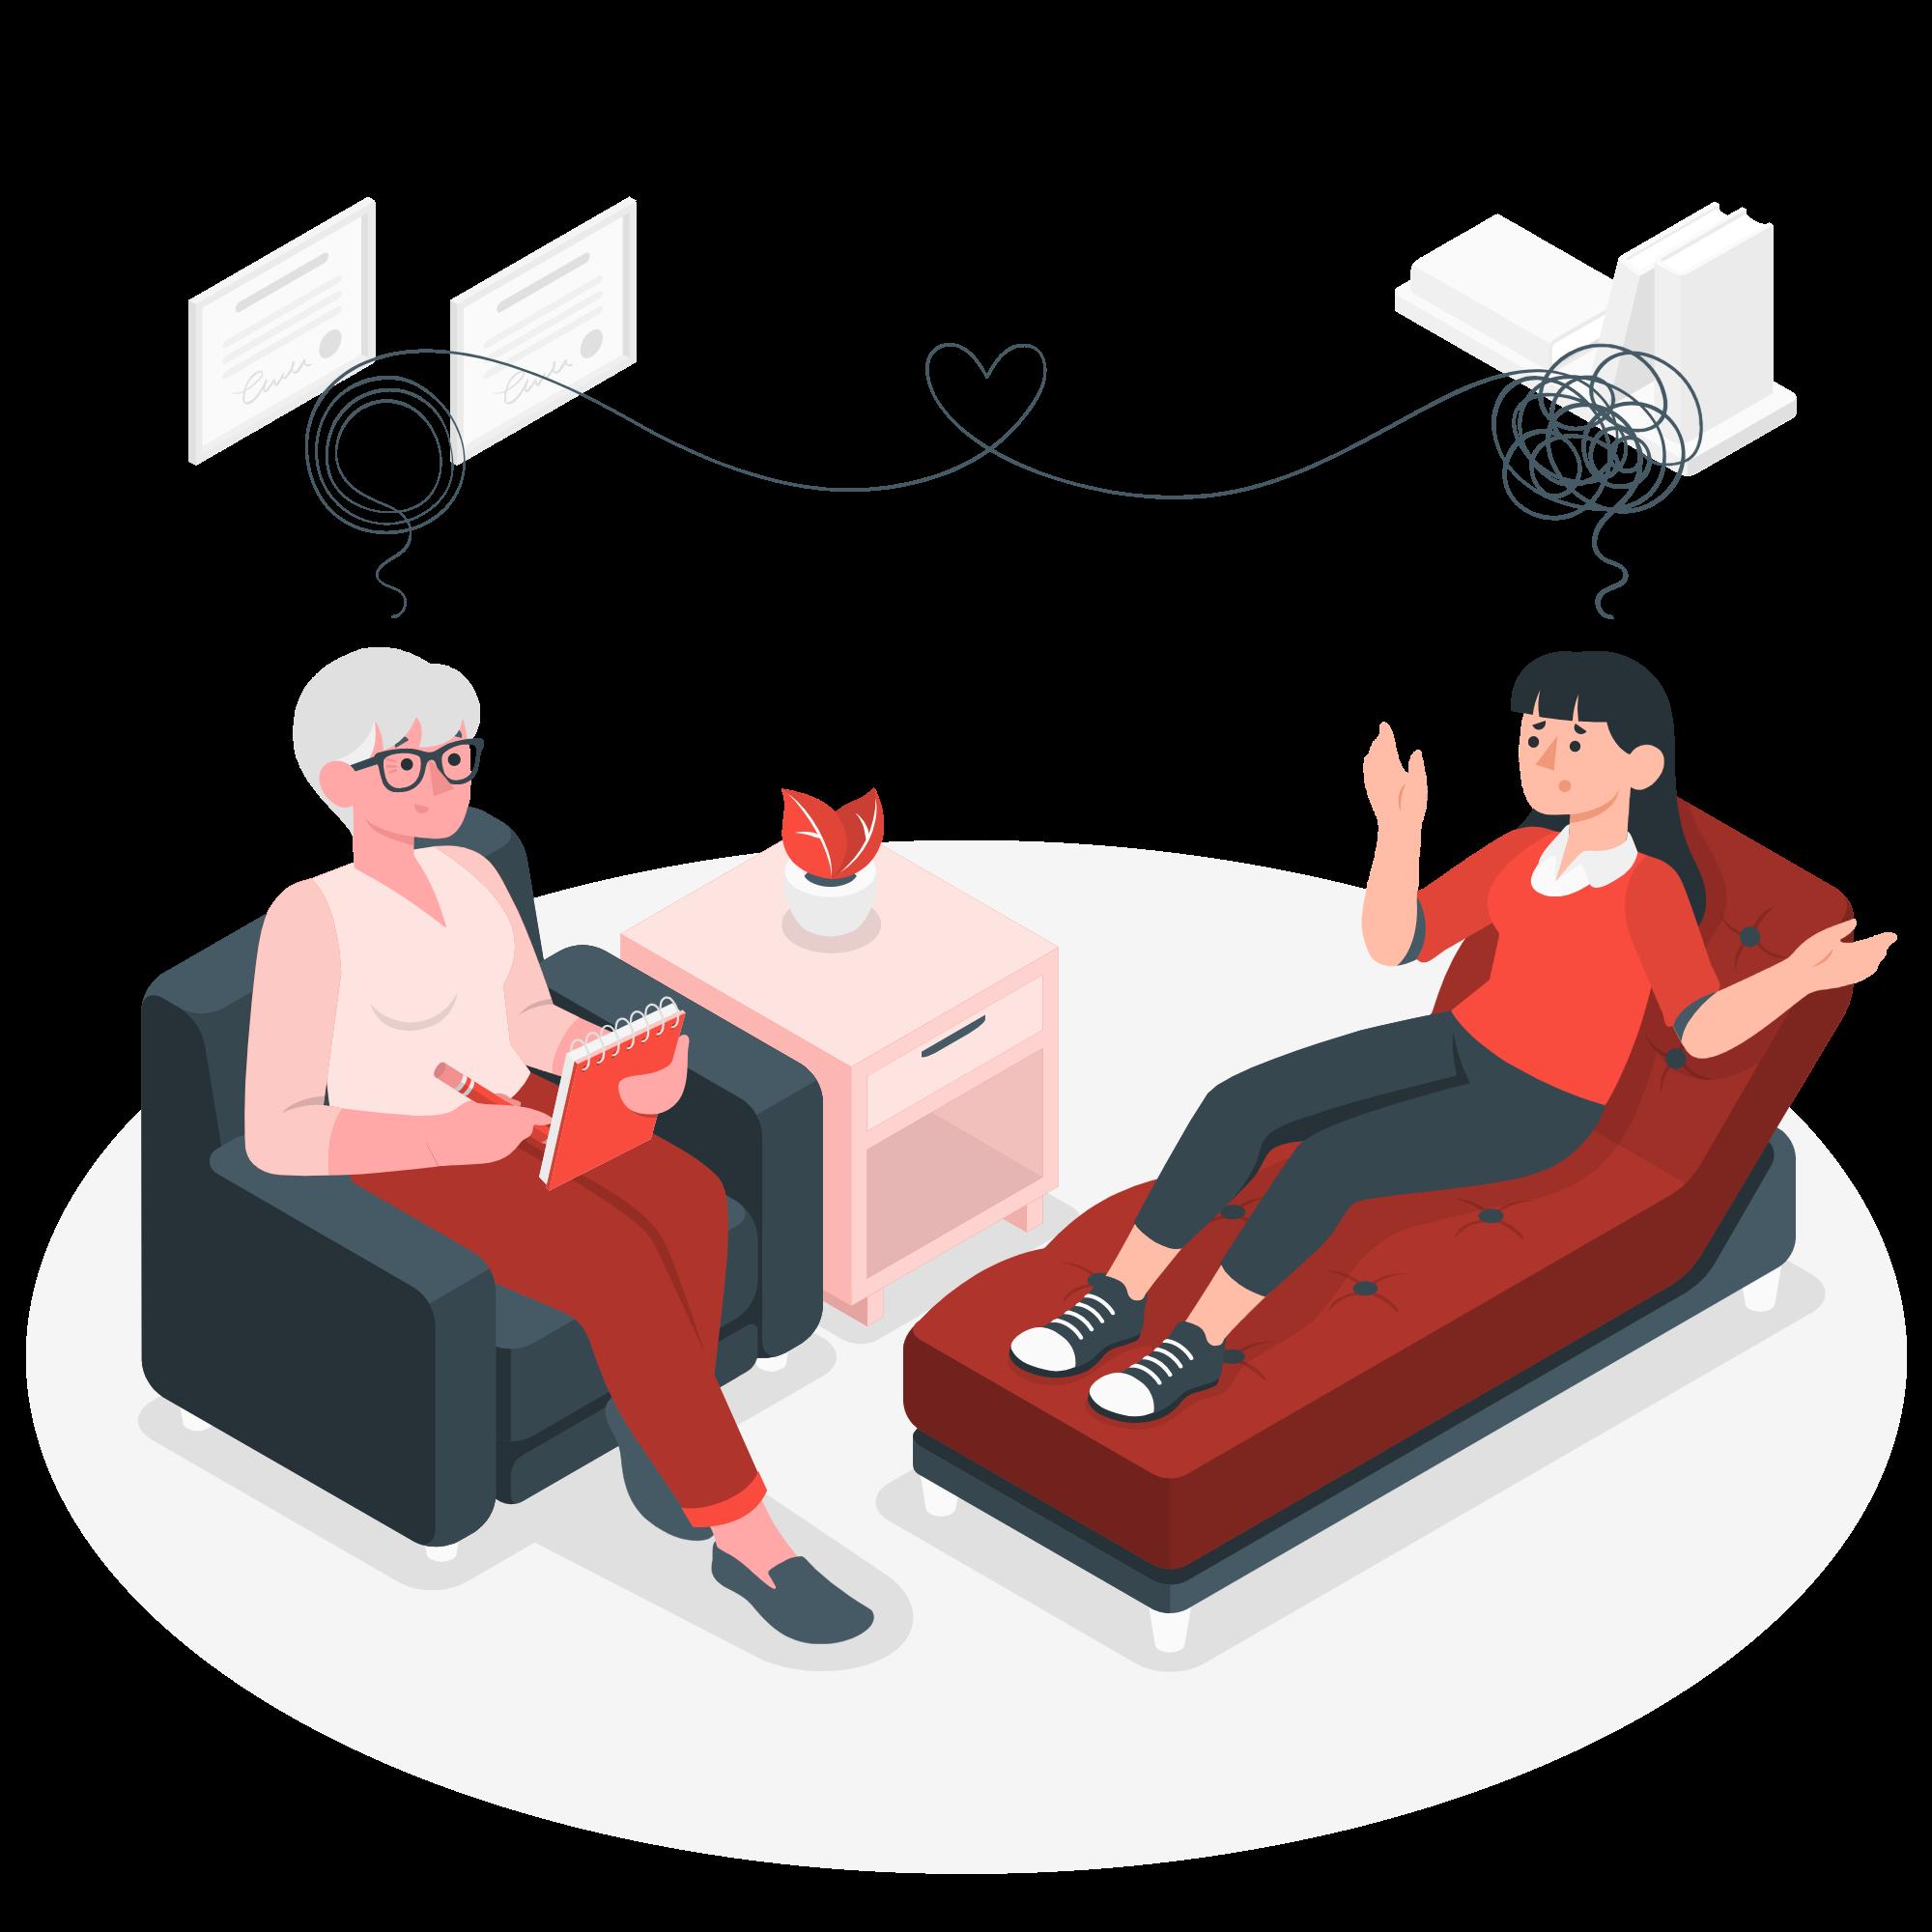 Online Psikolog | Online Terapi Koronavirüs ile Kaygılarımız